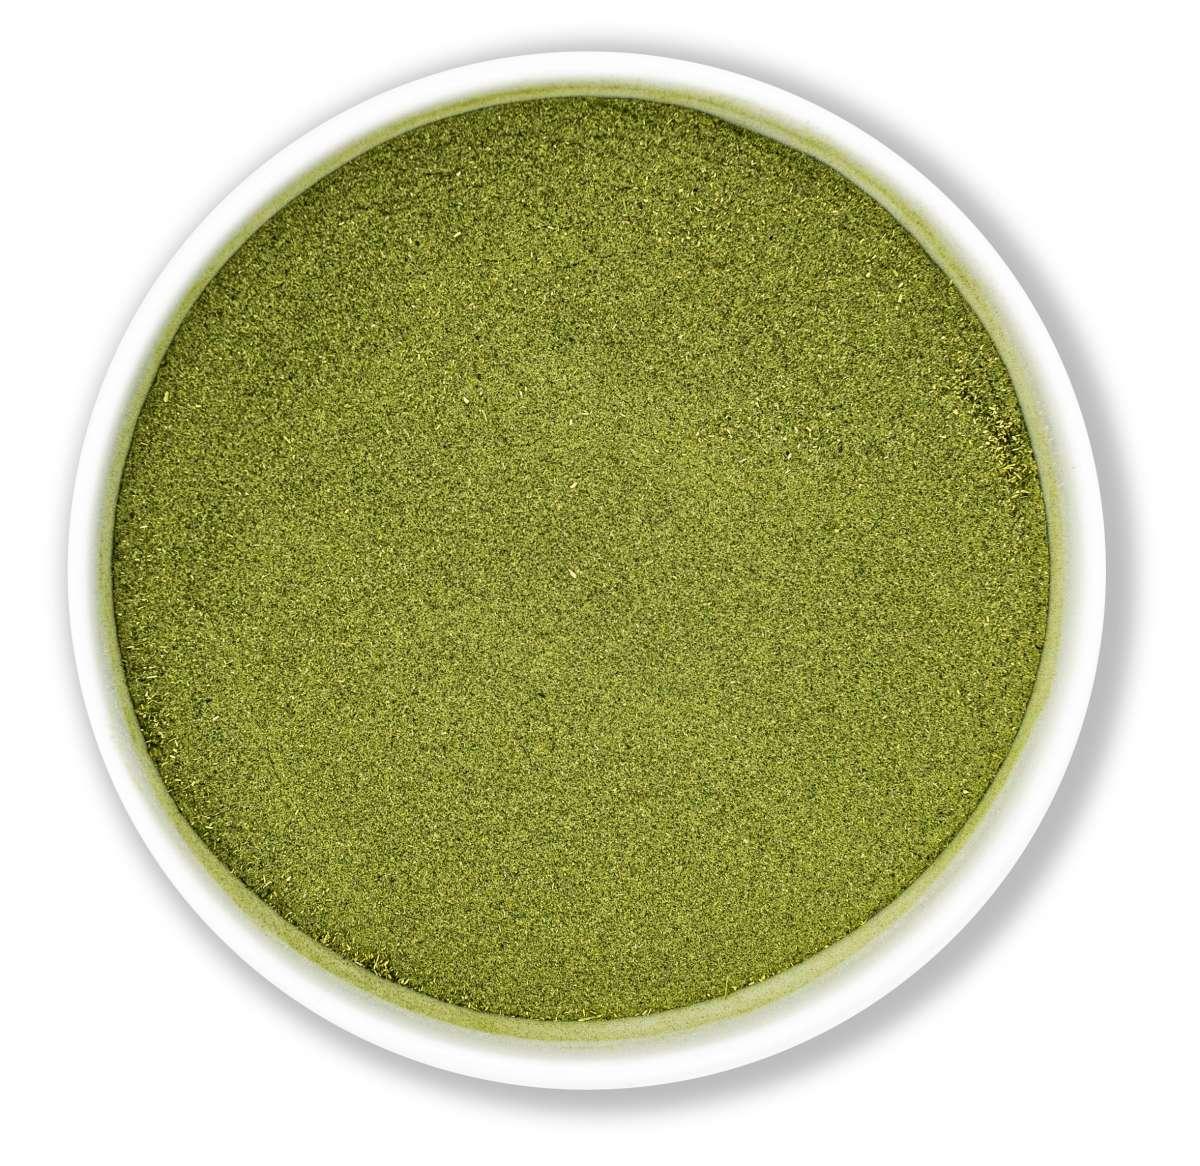 Bio Alfalfa Pulver | Superfoods